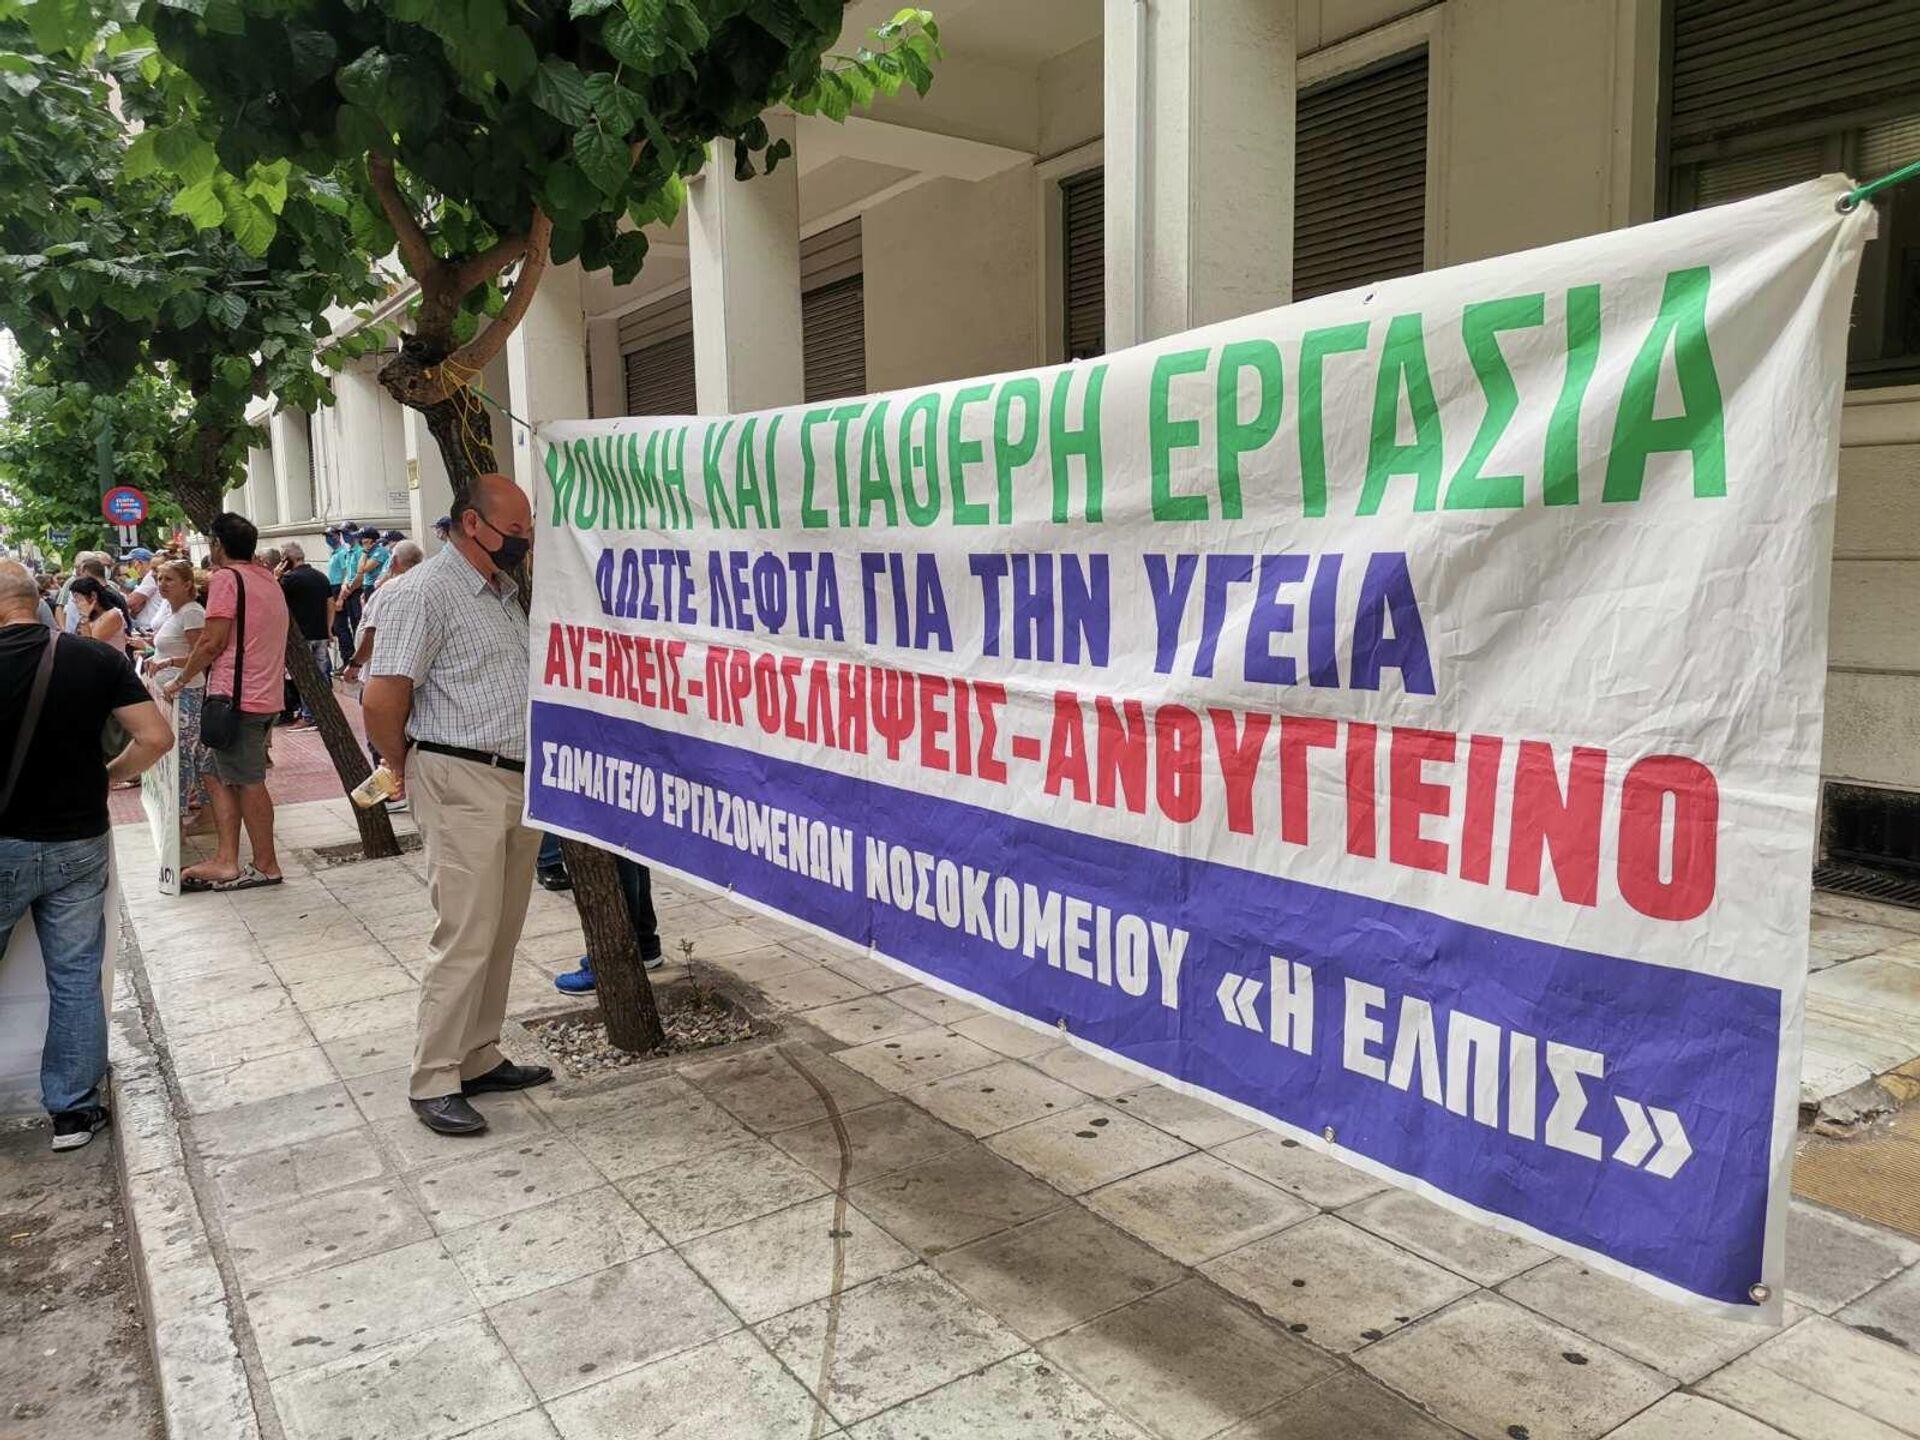 Διαμαρτυρία υγειονομικών έξω από το υπουργείο Υγείας - Sputnik Ελλάδα, 1920, 21.09.2021